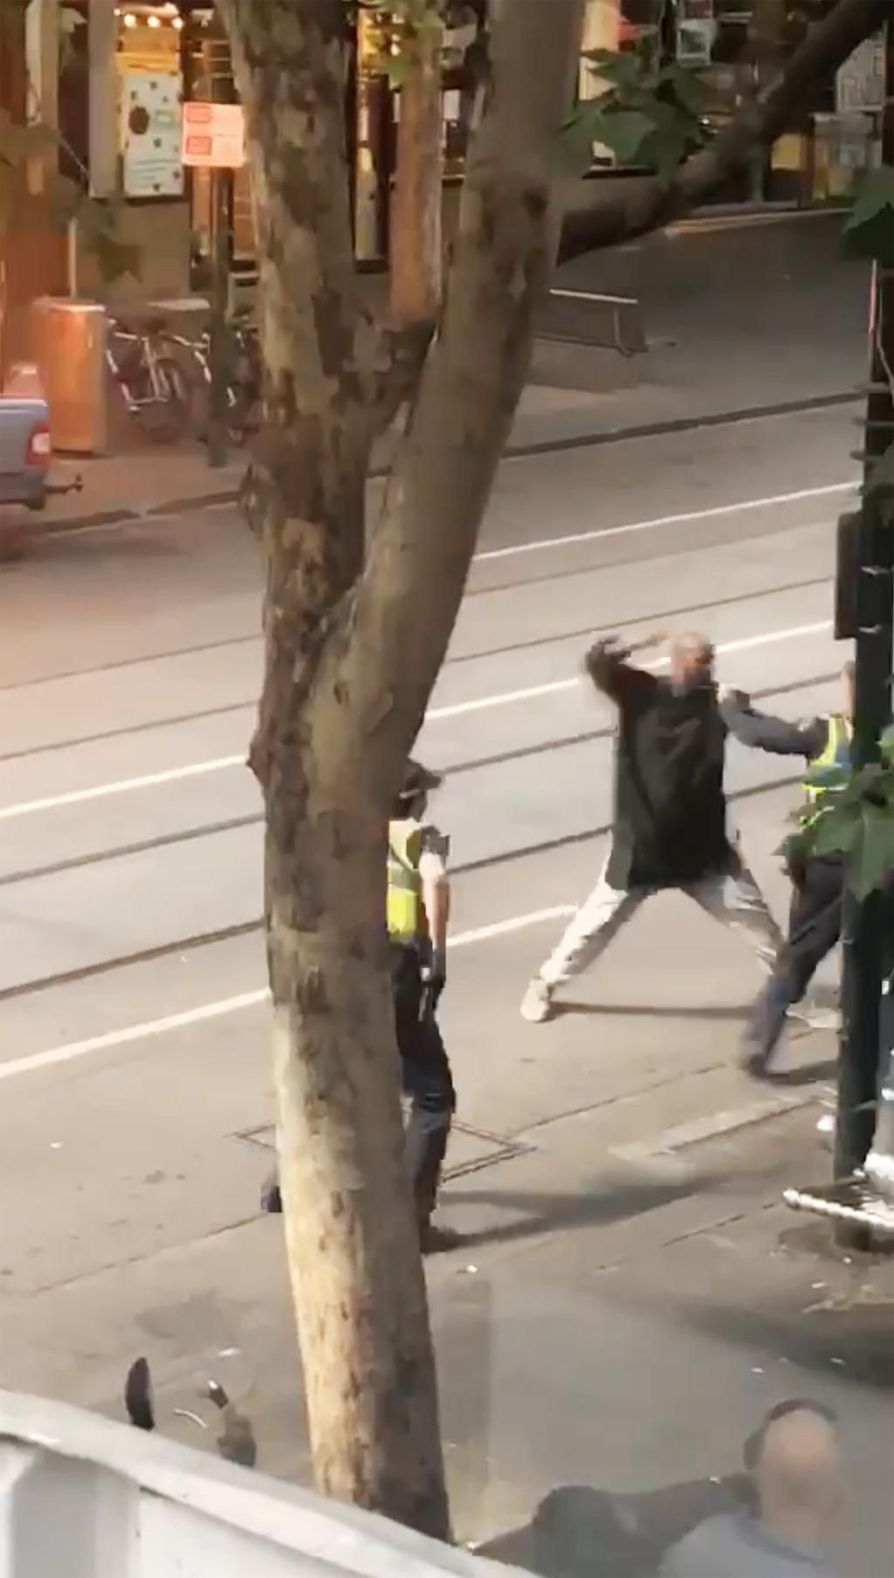 Videokuvassa näkyy miten mies hyökkäsi puukon kanssa poliiseja kohti Melbournessa perjantaina.